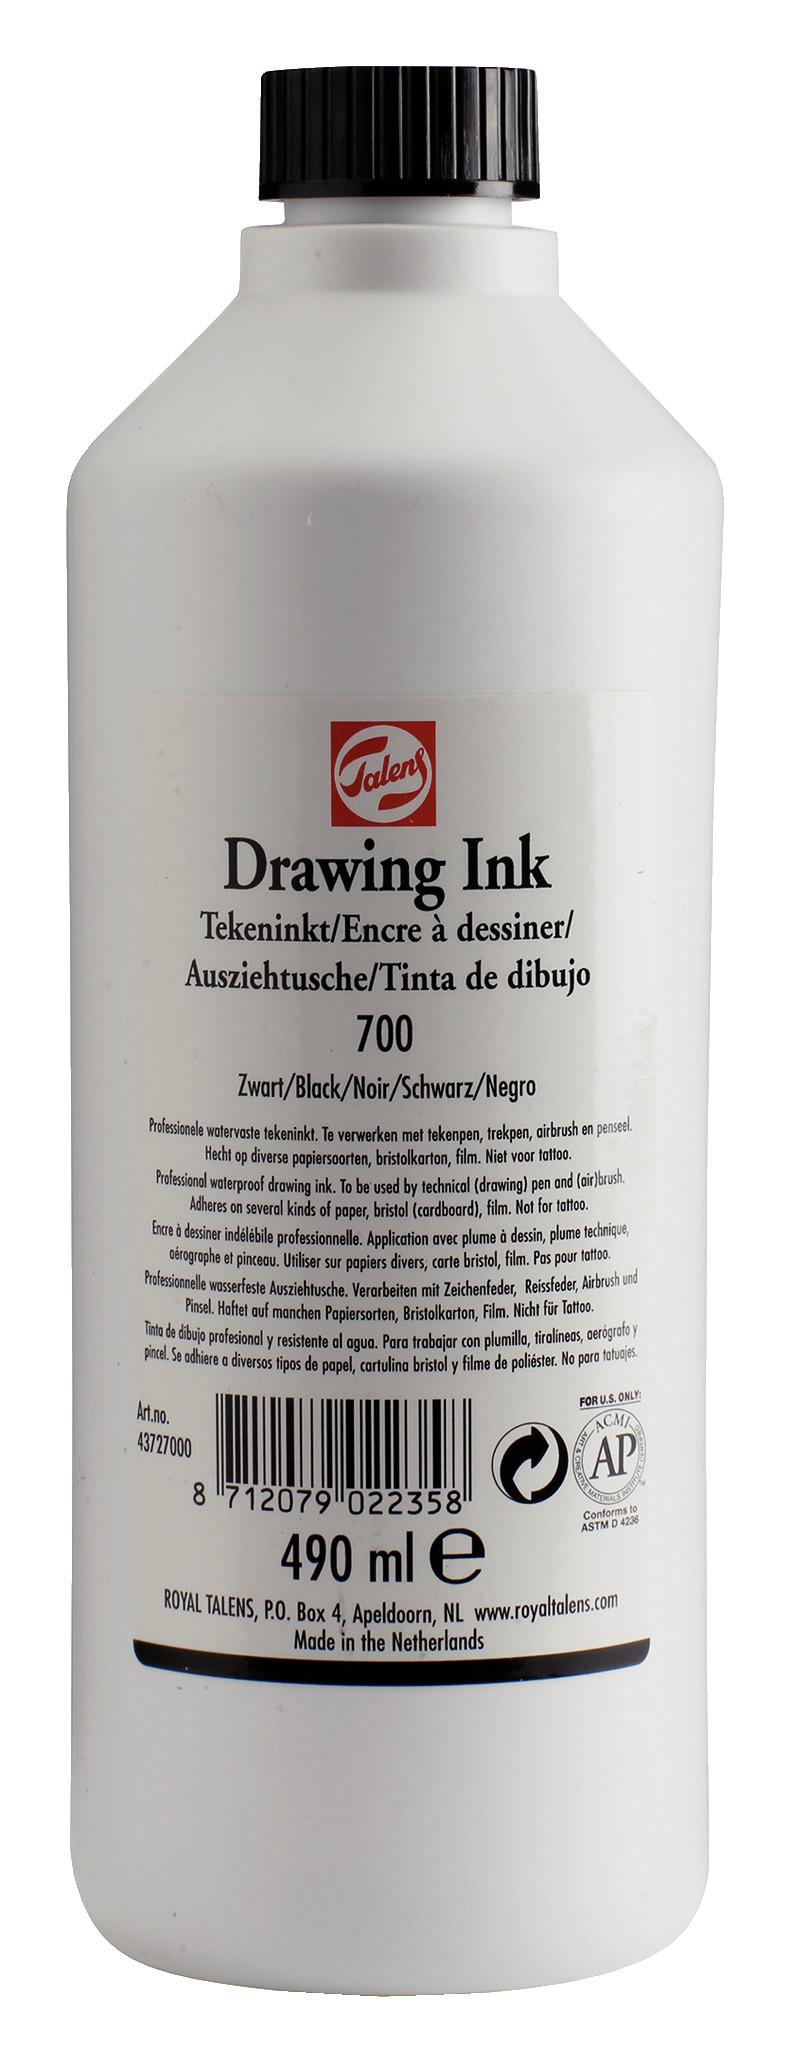 Waterproof Talens Drawing Ink Bottle 490 ml Black 700